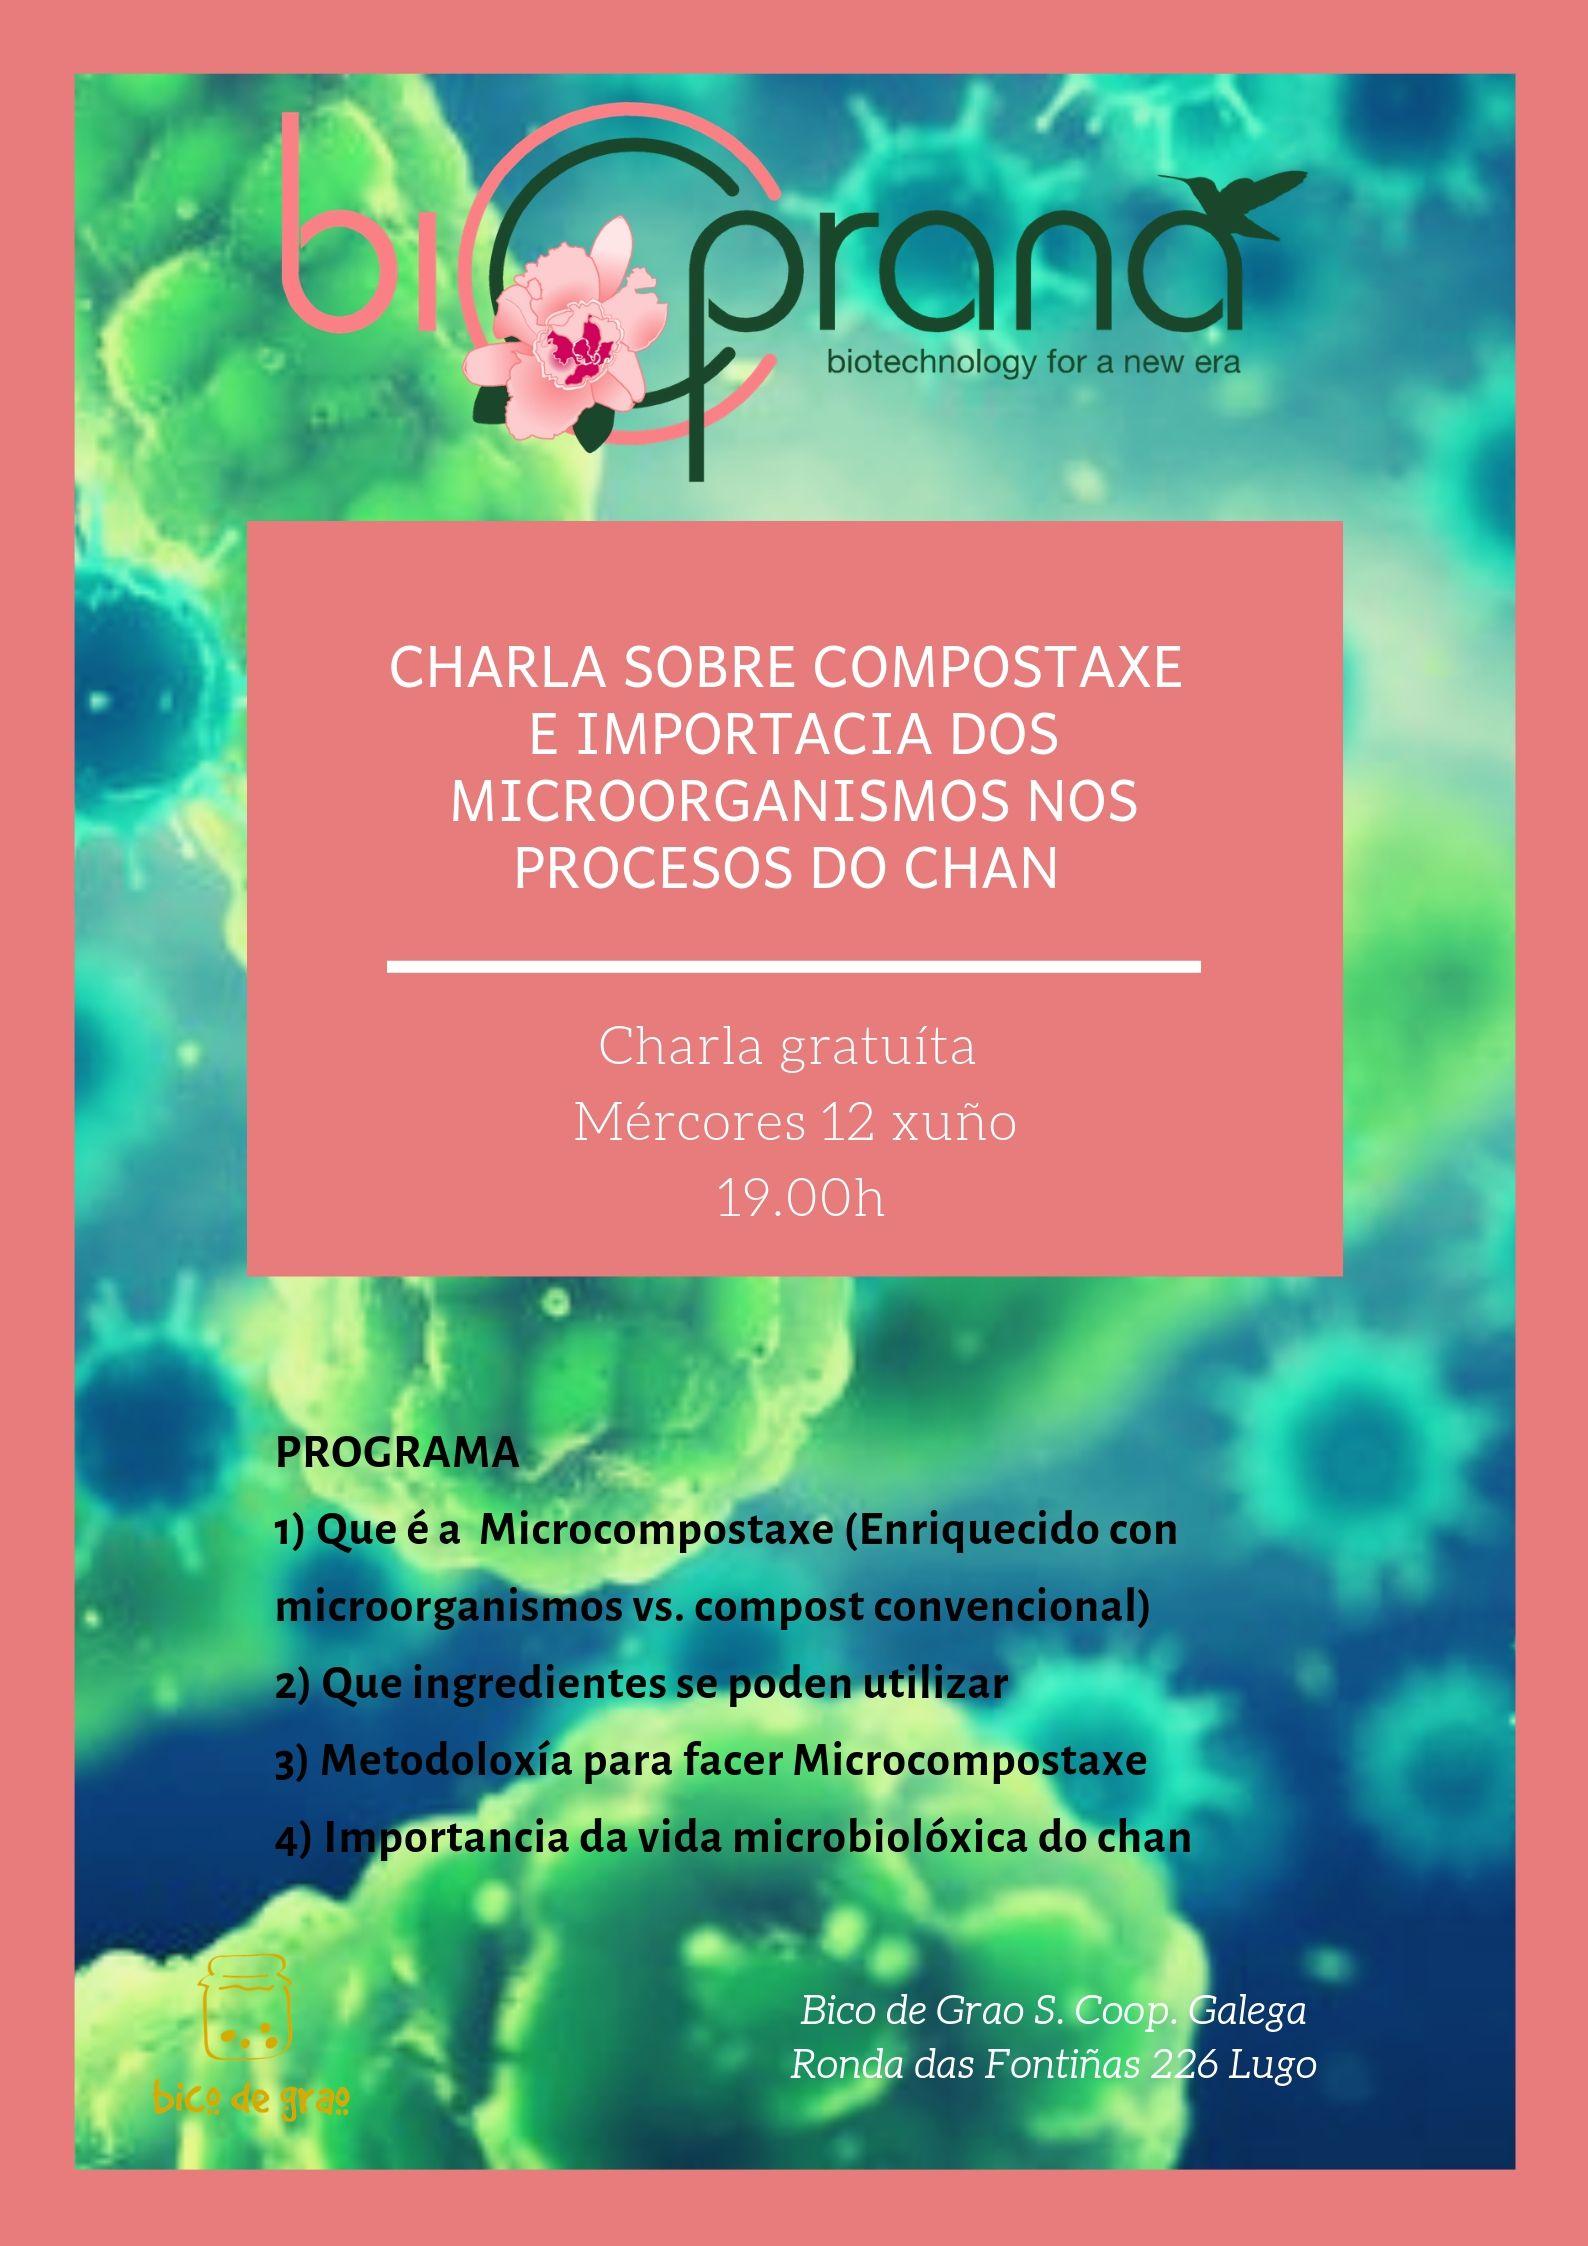 Bico de Grao Charla sobre compostaxe